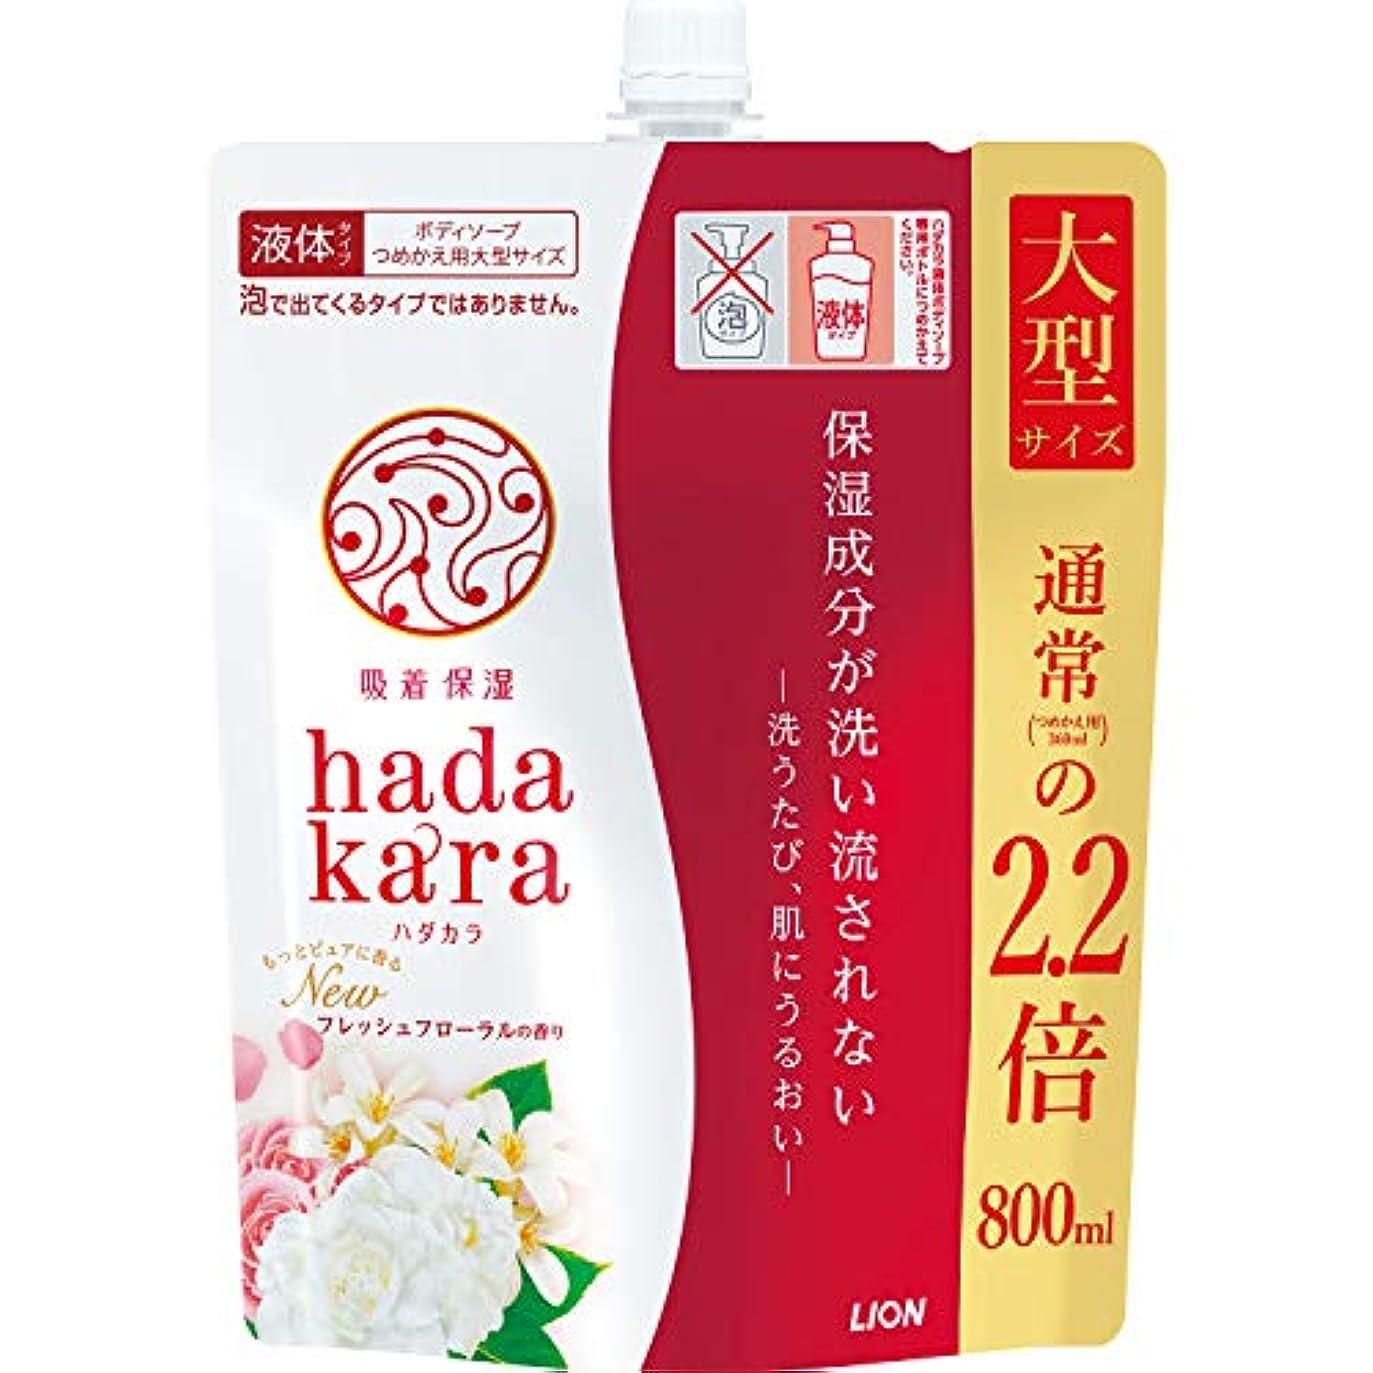 液体真剣に空洞hadakara(ハダカラ) ボディソープ フレッシュフローラルの香り つめかえ用大型サイズ 800ml